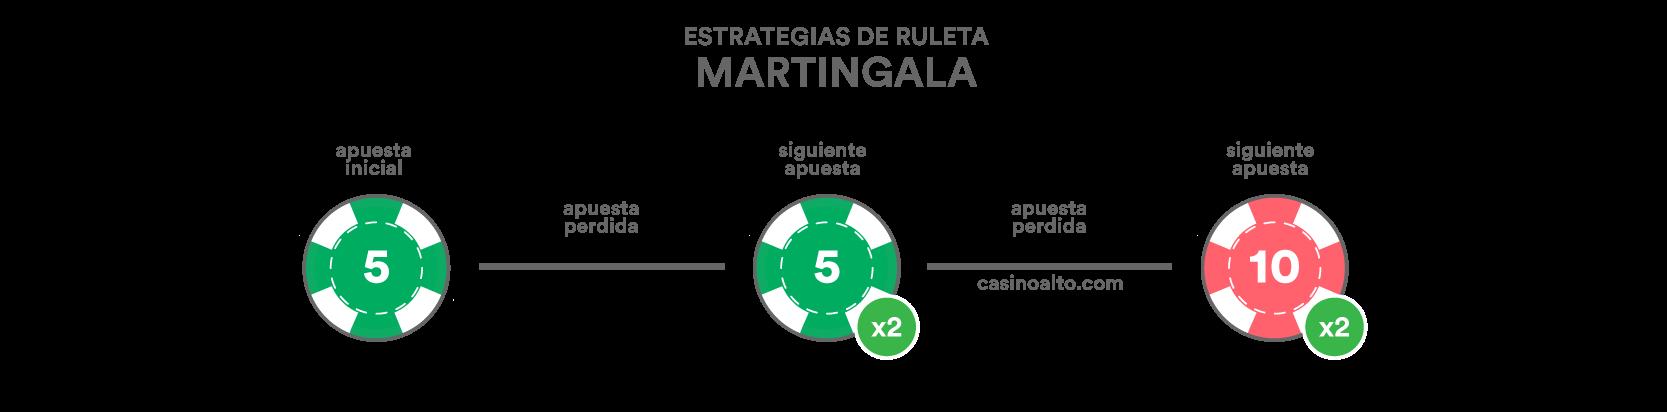 ruleta martingala